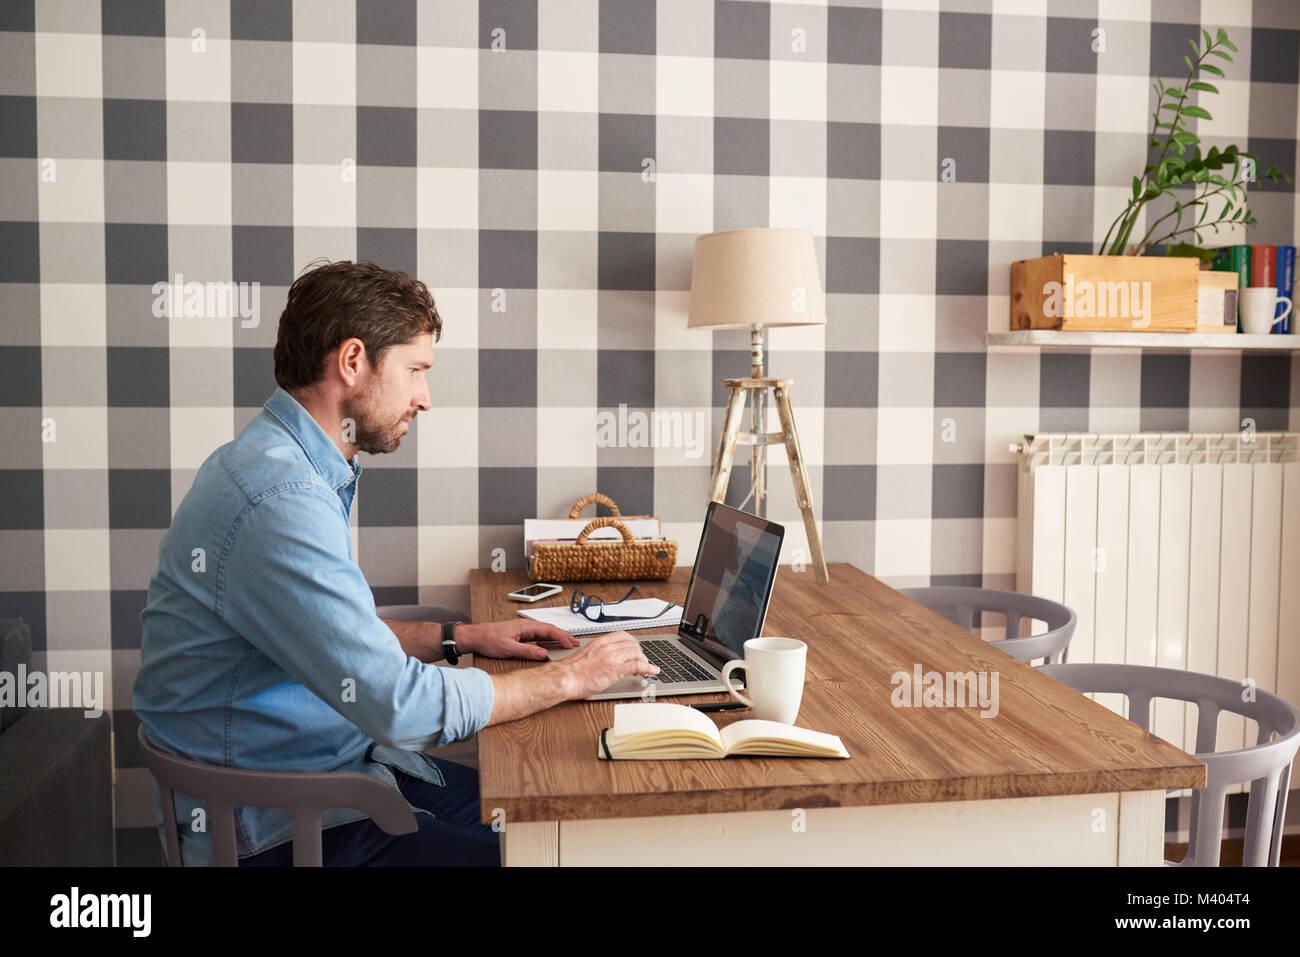 Junger Mann in seinem Wohnzimmer auf einem Laptop arbeiten Stockbild